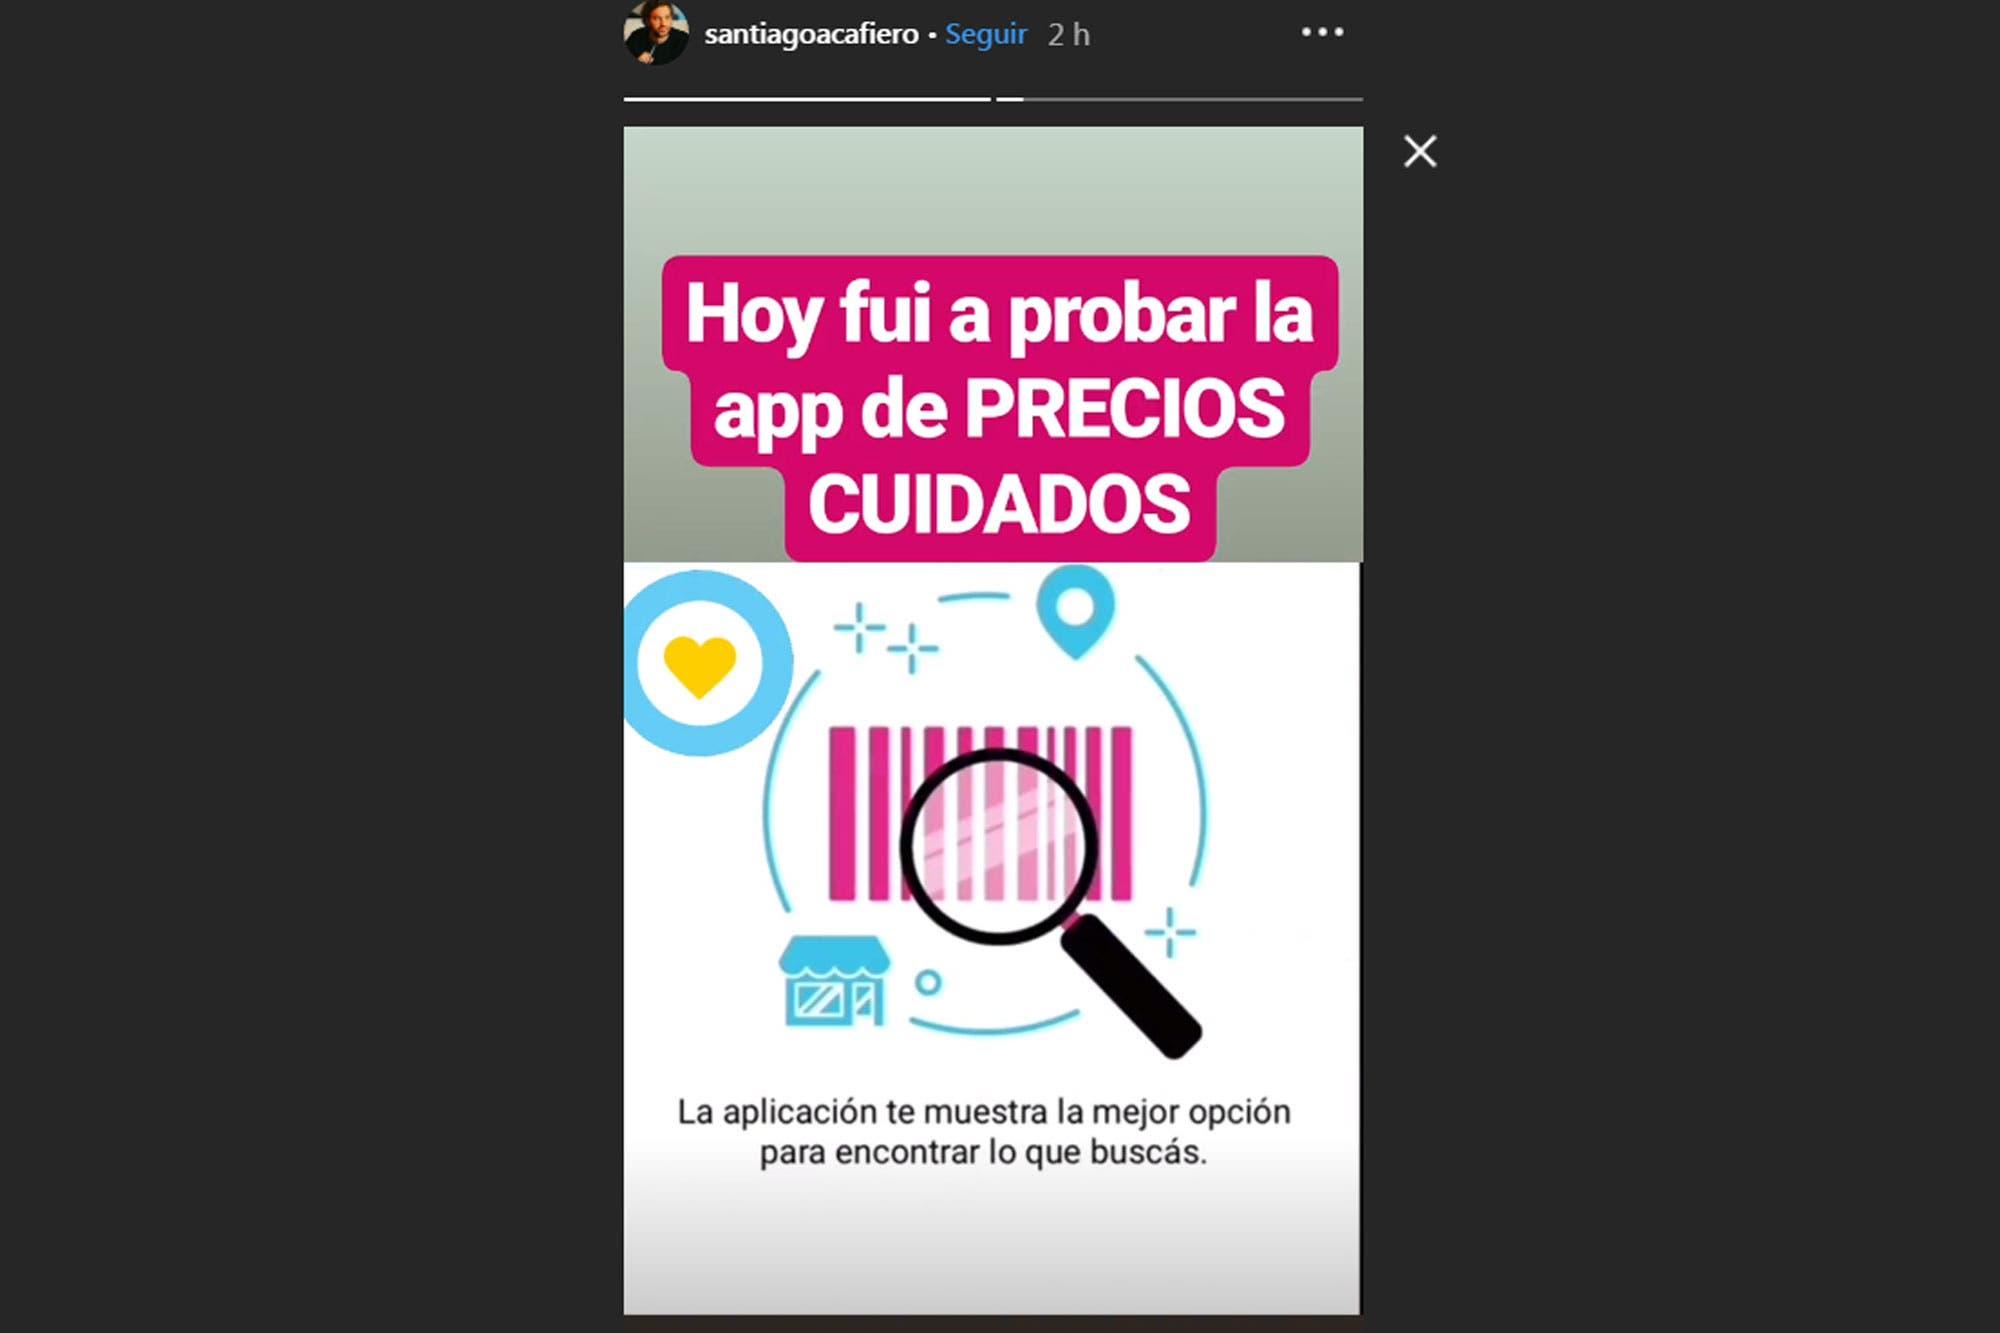 Santiago Cafiero mandó a los ministros al supermercado a relevar Precios Cuidados